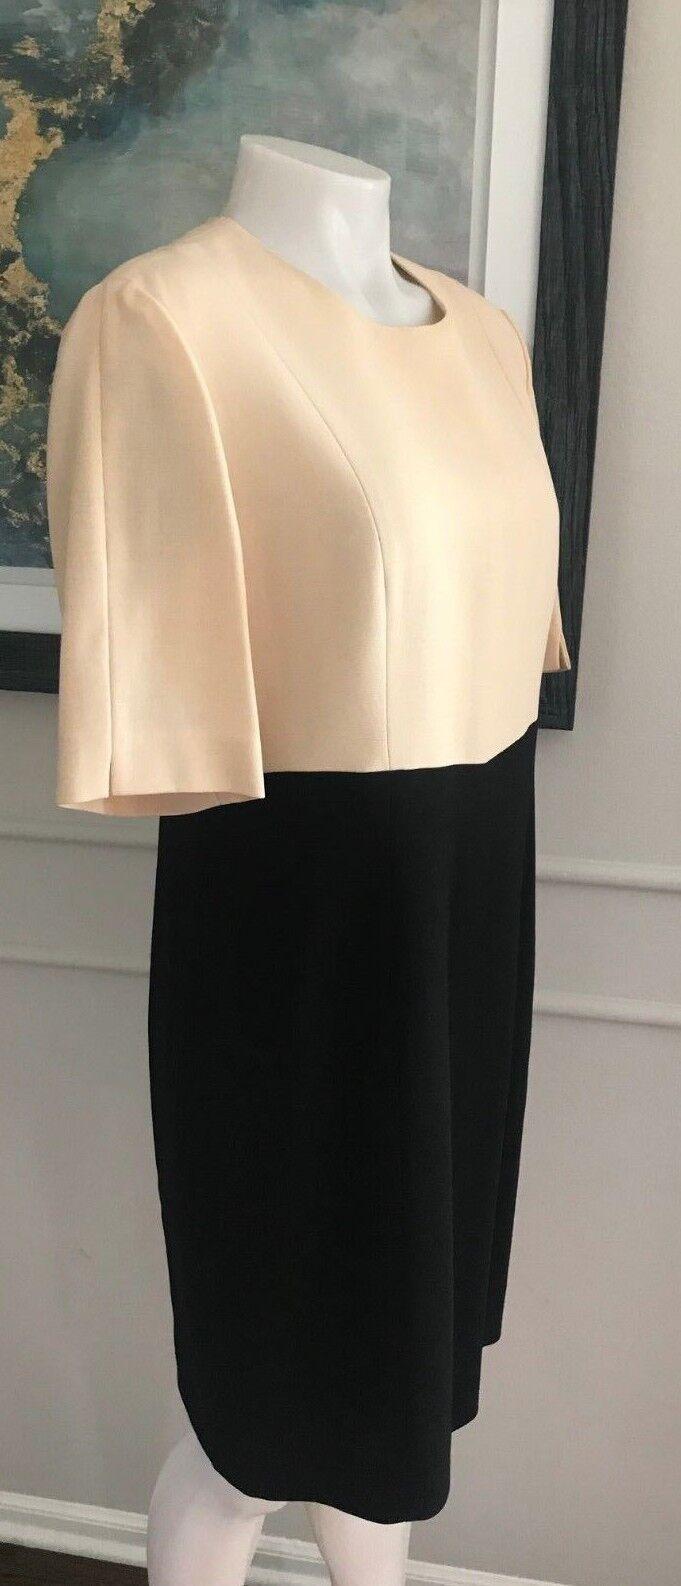 Louis Feraud  Woman's  Dress 100% Pure New Wool  Sz 10  Elegant